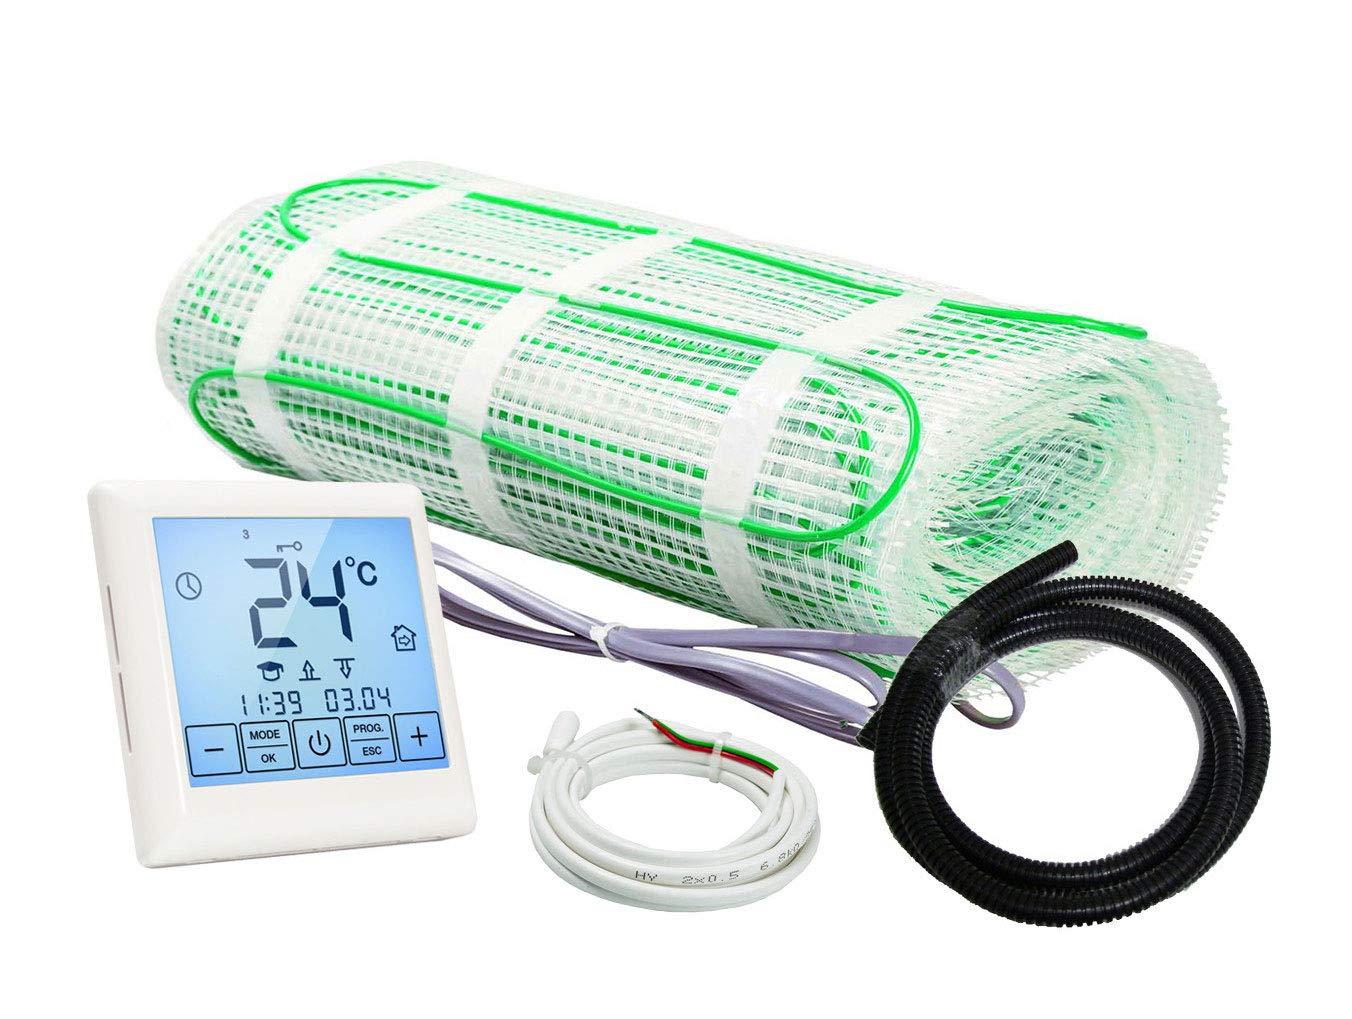 tout r/évetement 6.0 m/² affichage LCD /écran tactile Plancher chauffant /électrique rayonnant 200 W//m/² Kit Complet avec Thermostat digital programmable